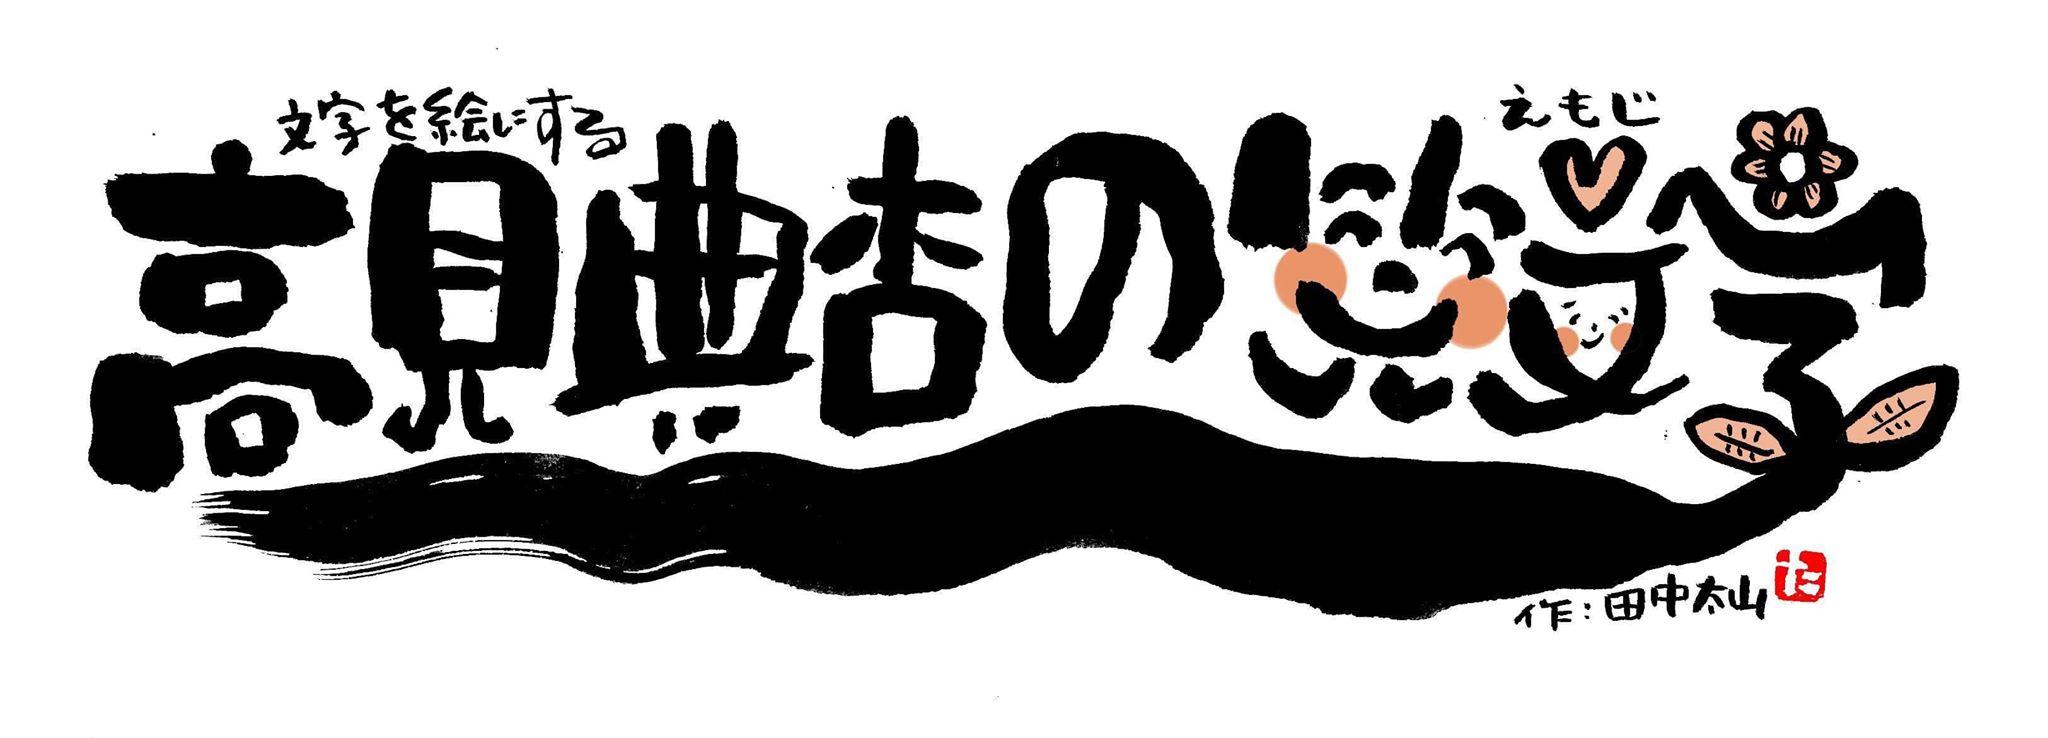 高見典杏の笑文字